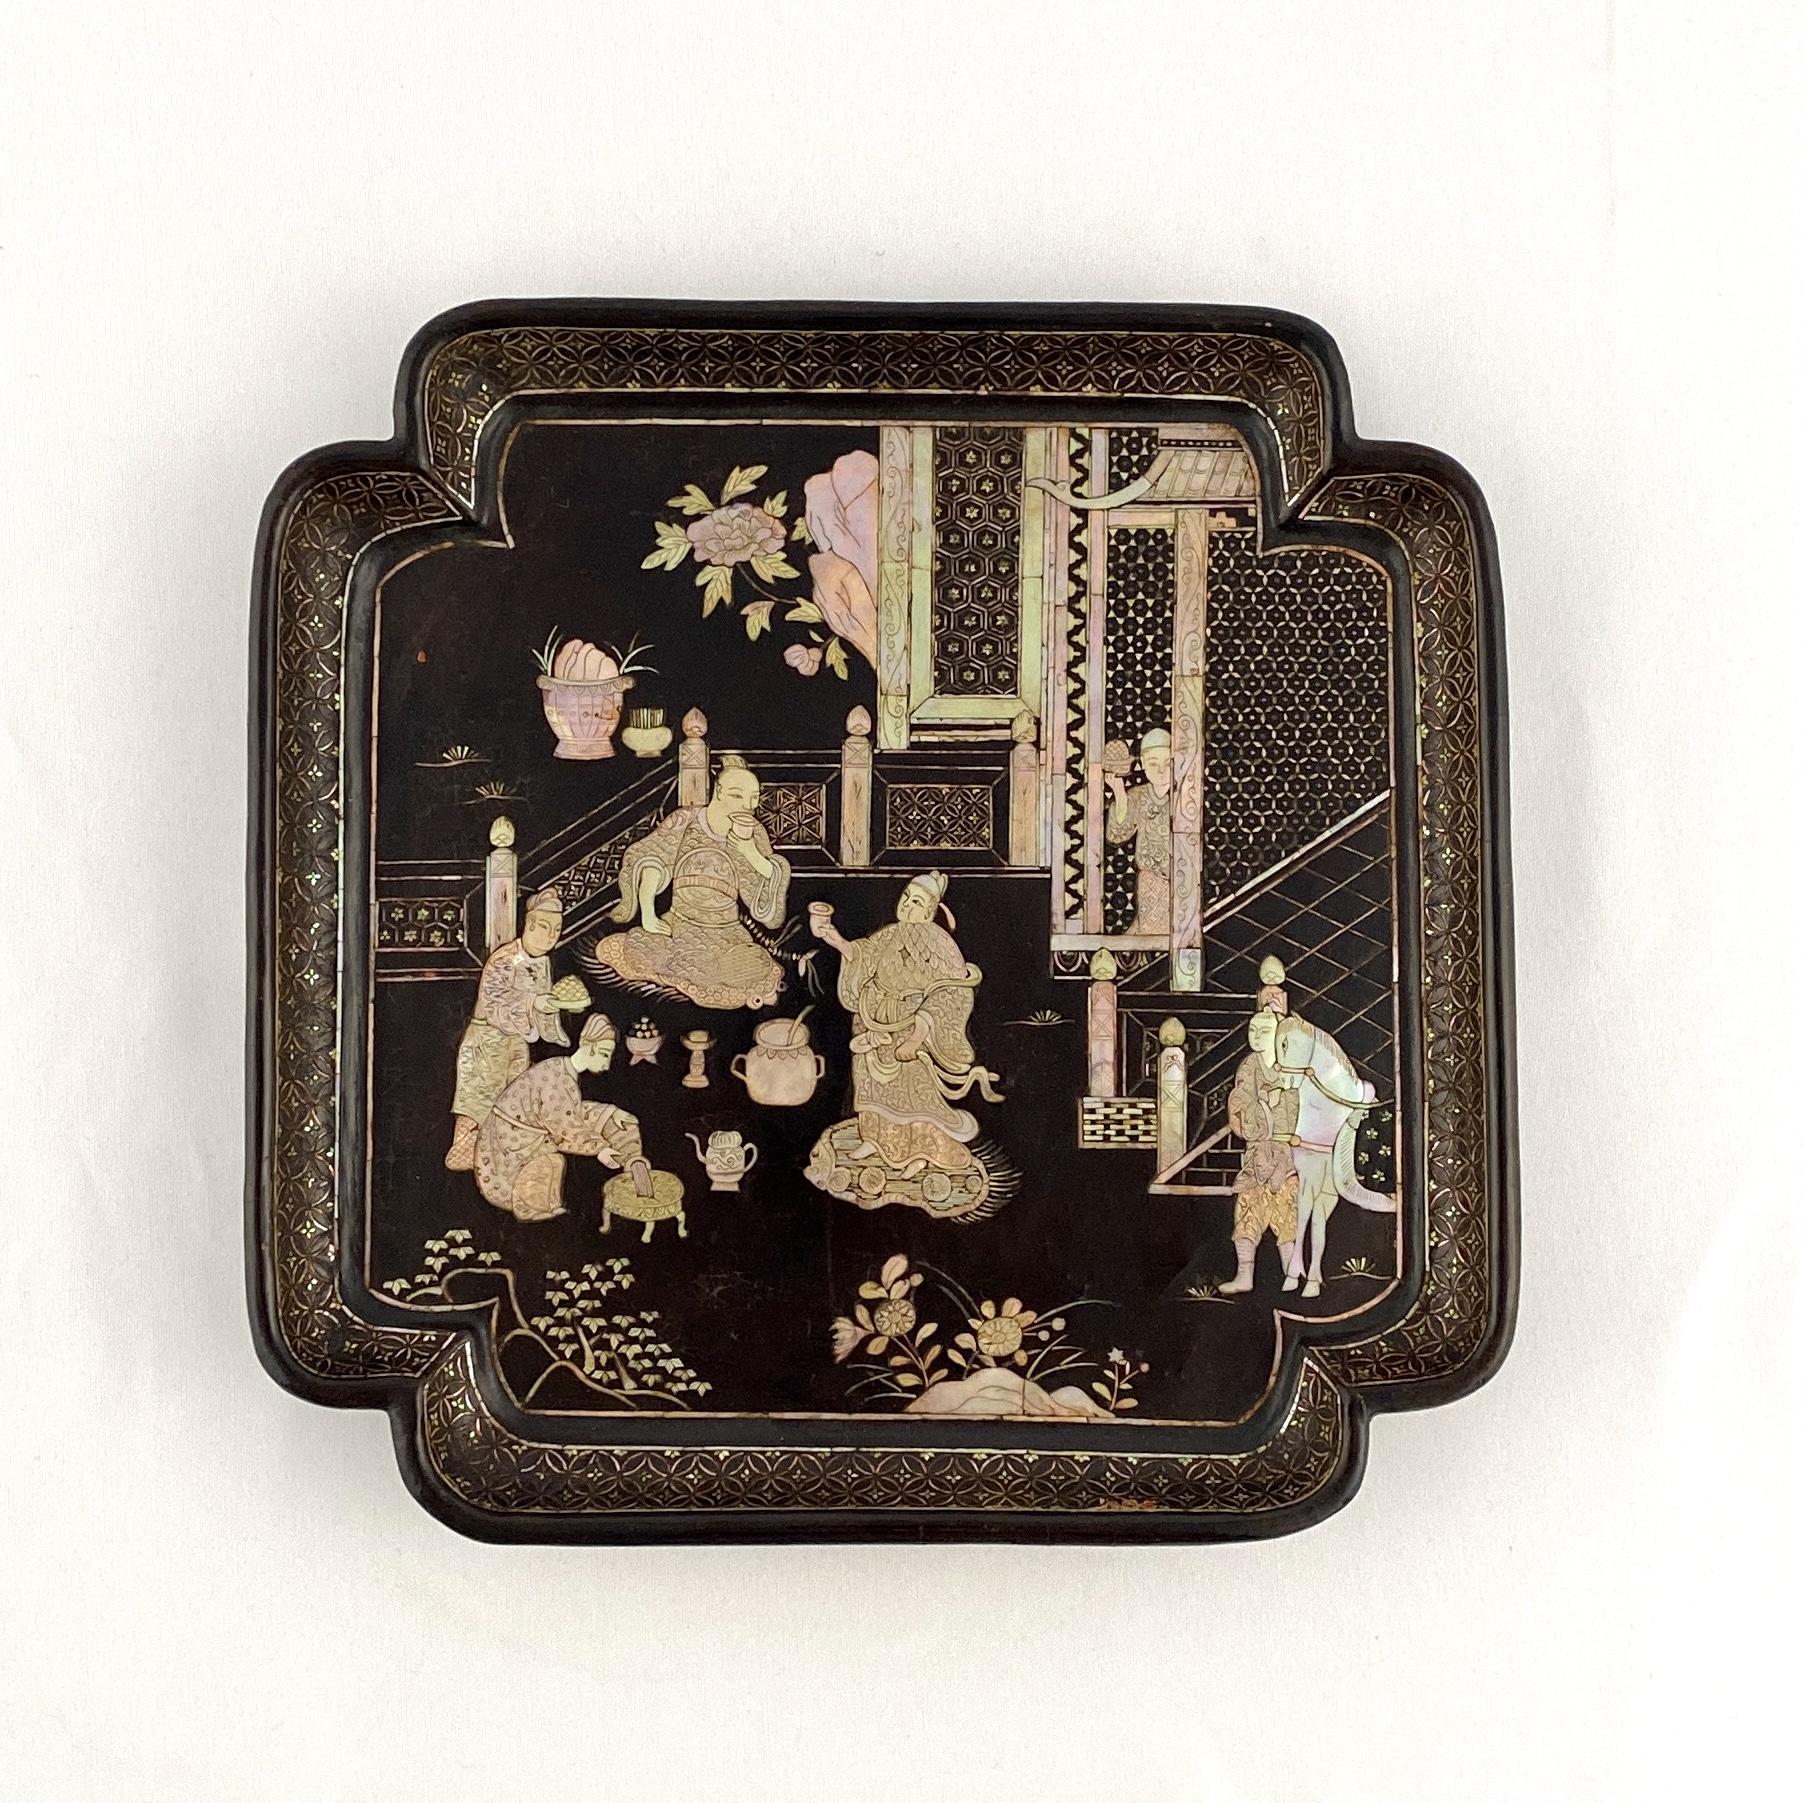 10211明早期 黒漆嵌螺鈿 楼閣人物紋 盤